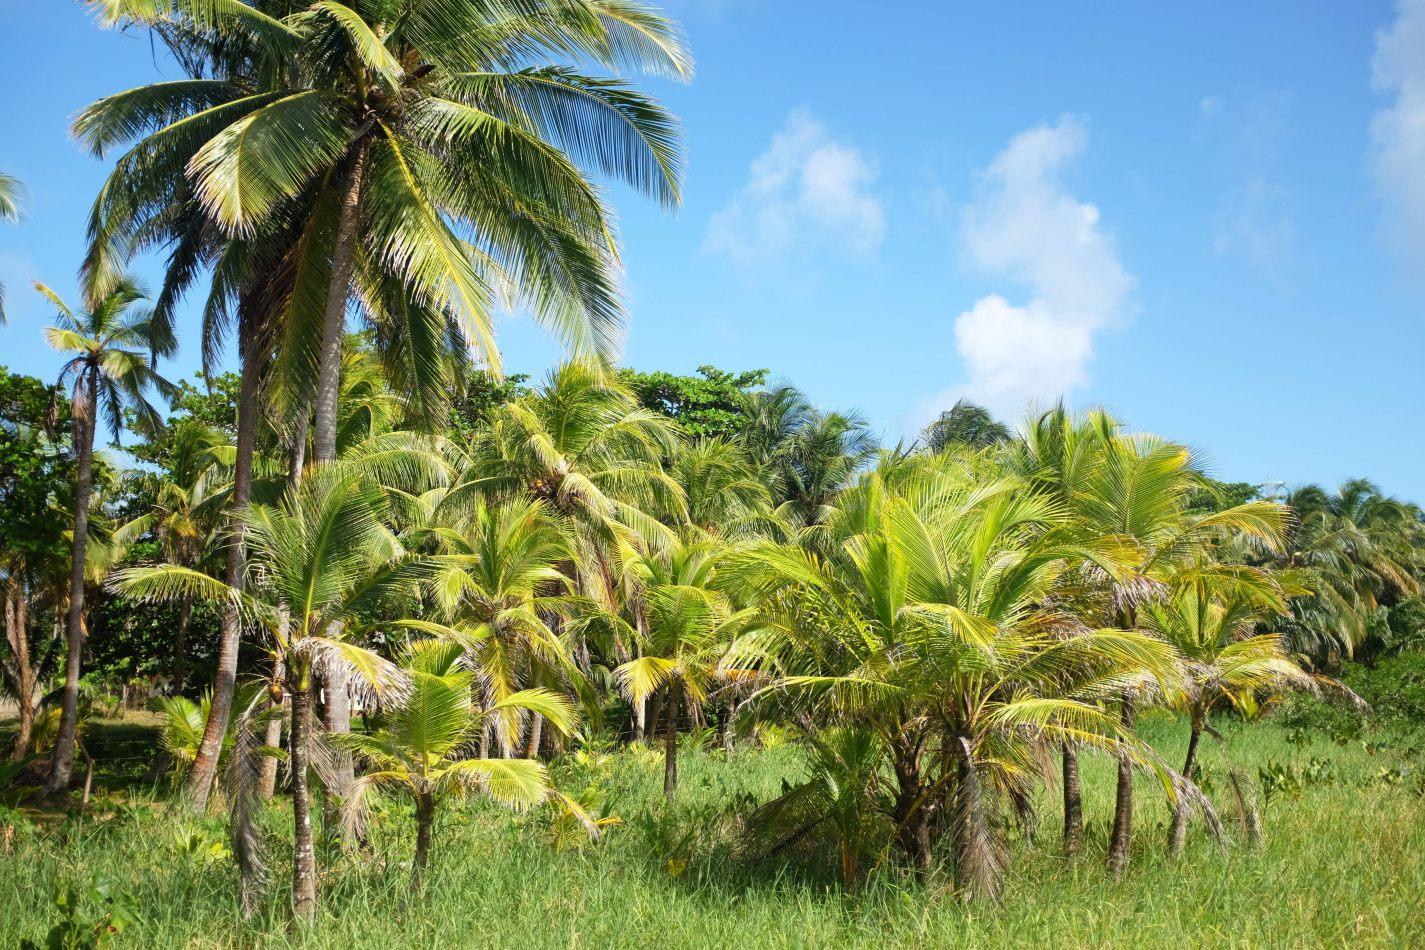 Hibiscus & Nomada : - - Big Corn Island